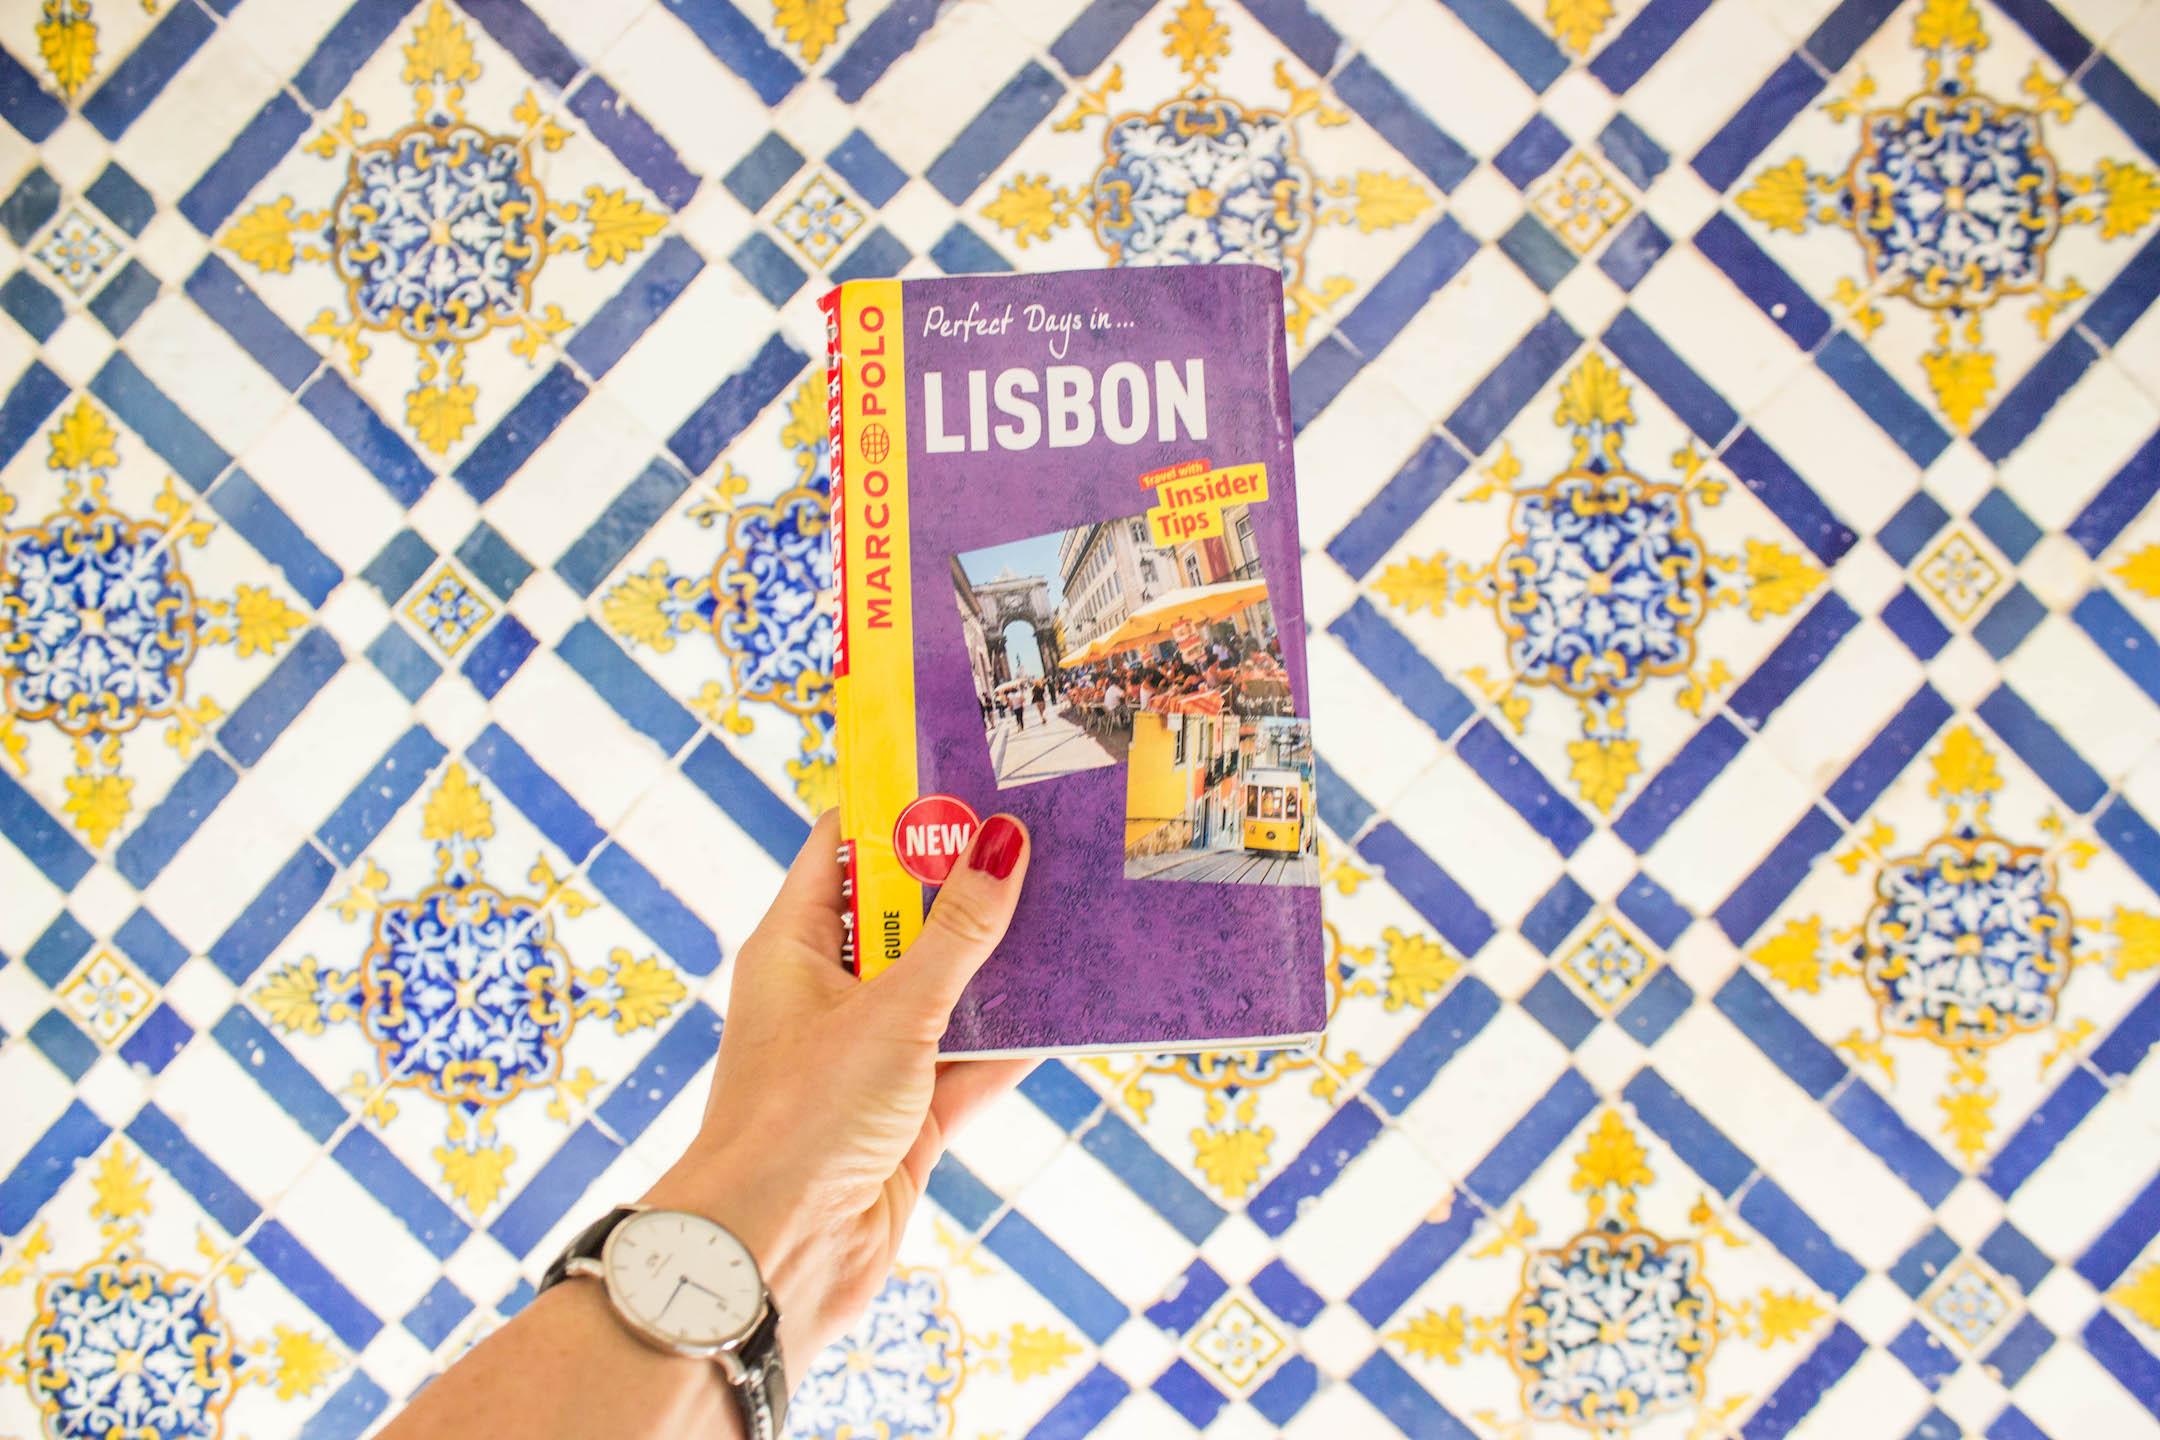 My Marco Polo Lisbon guidebook